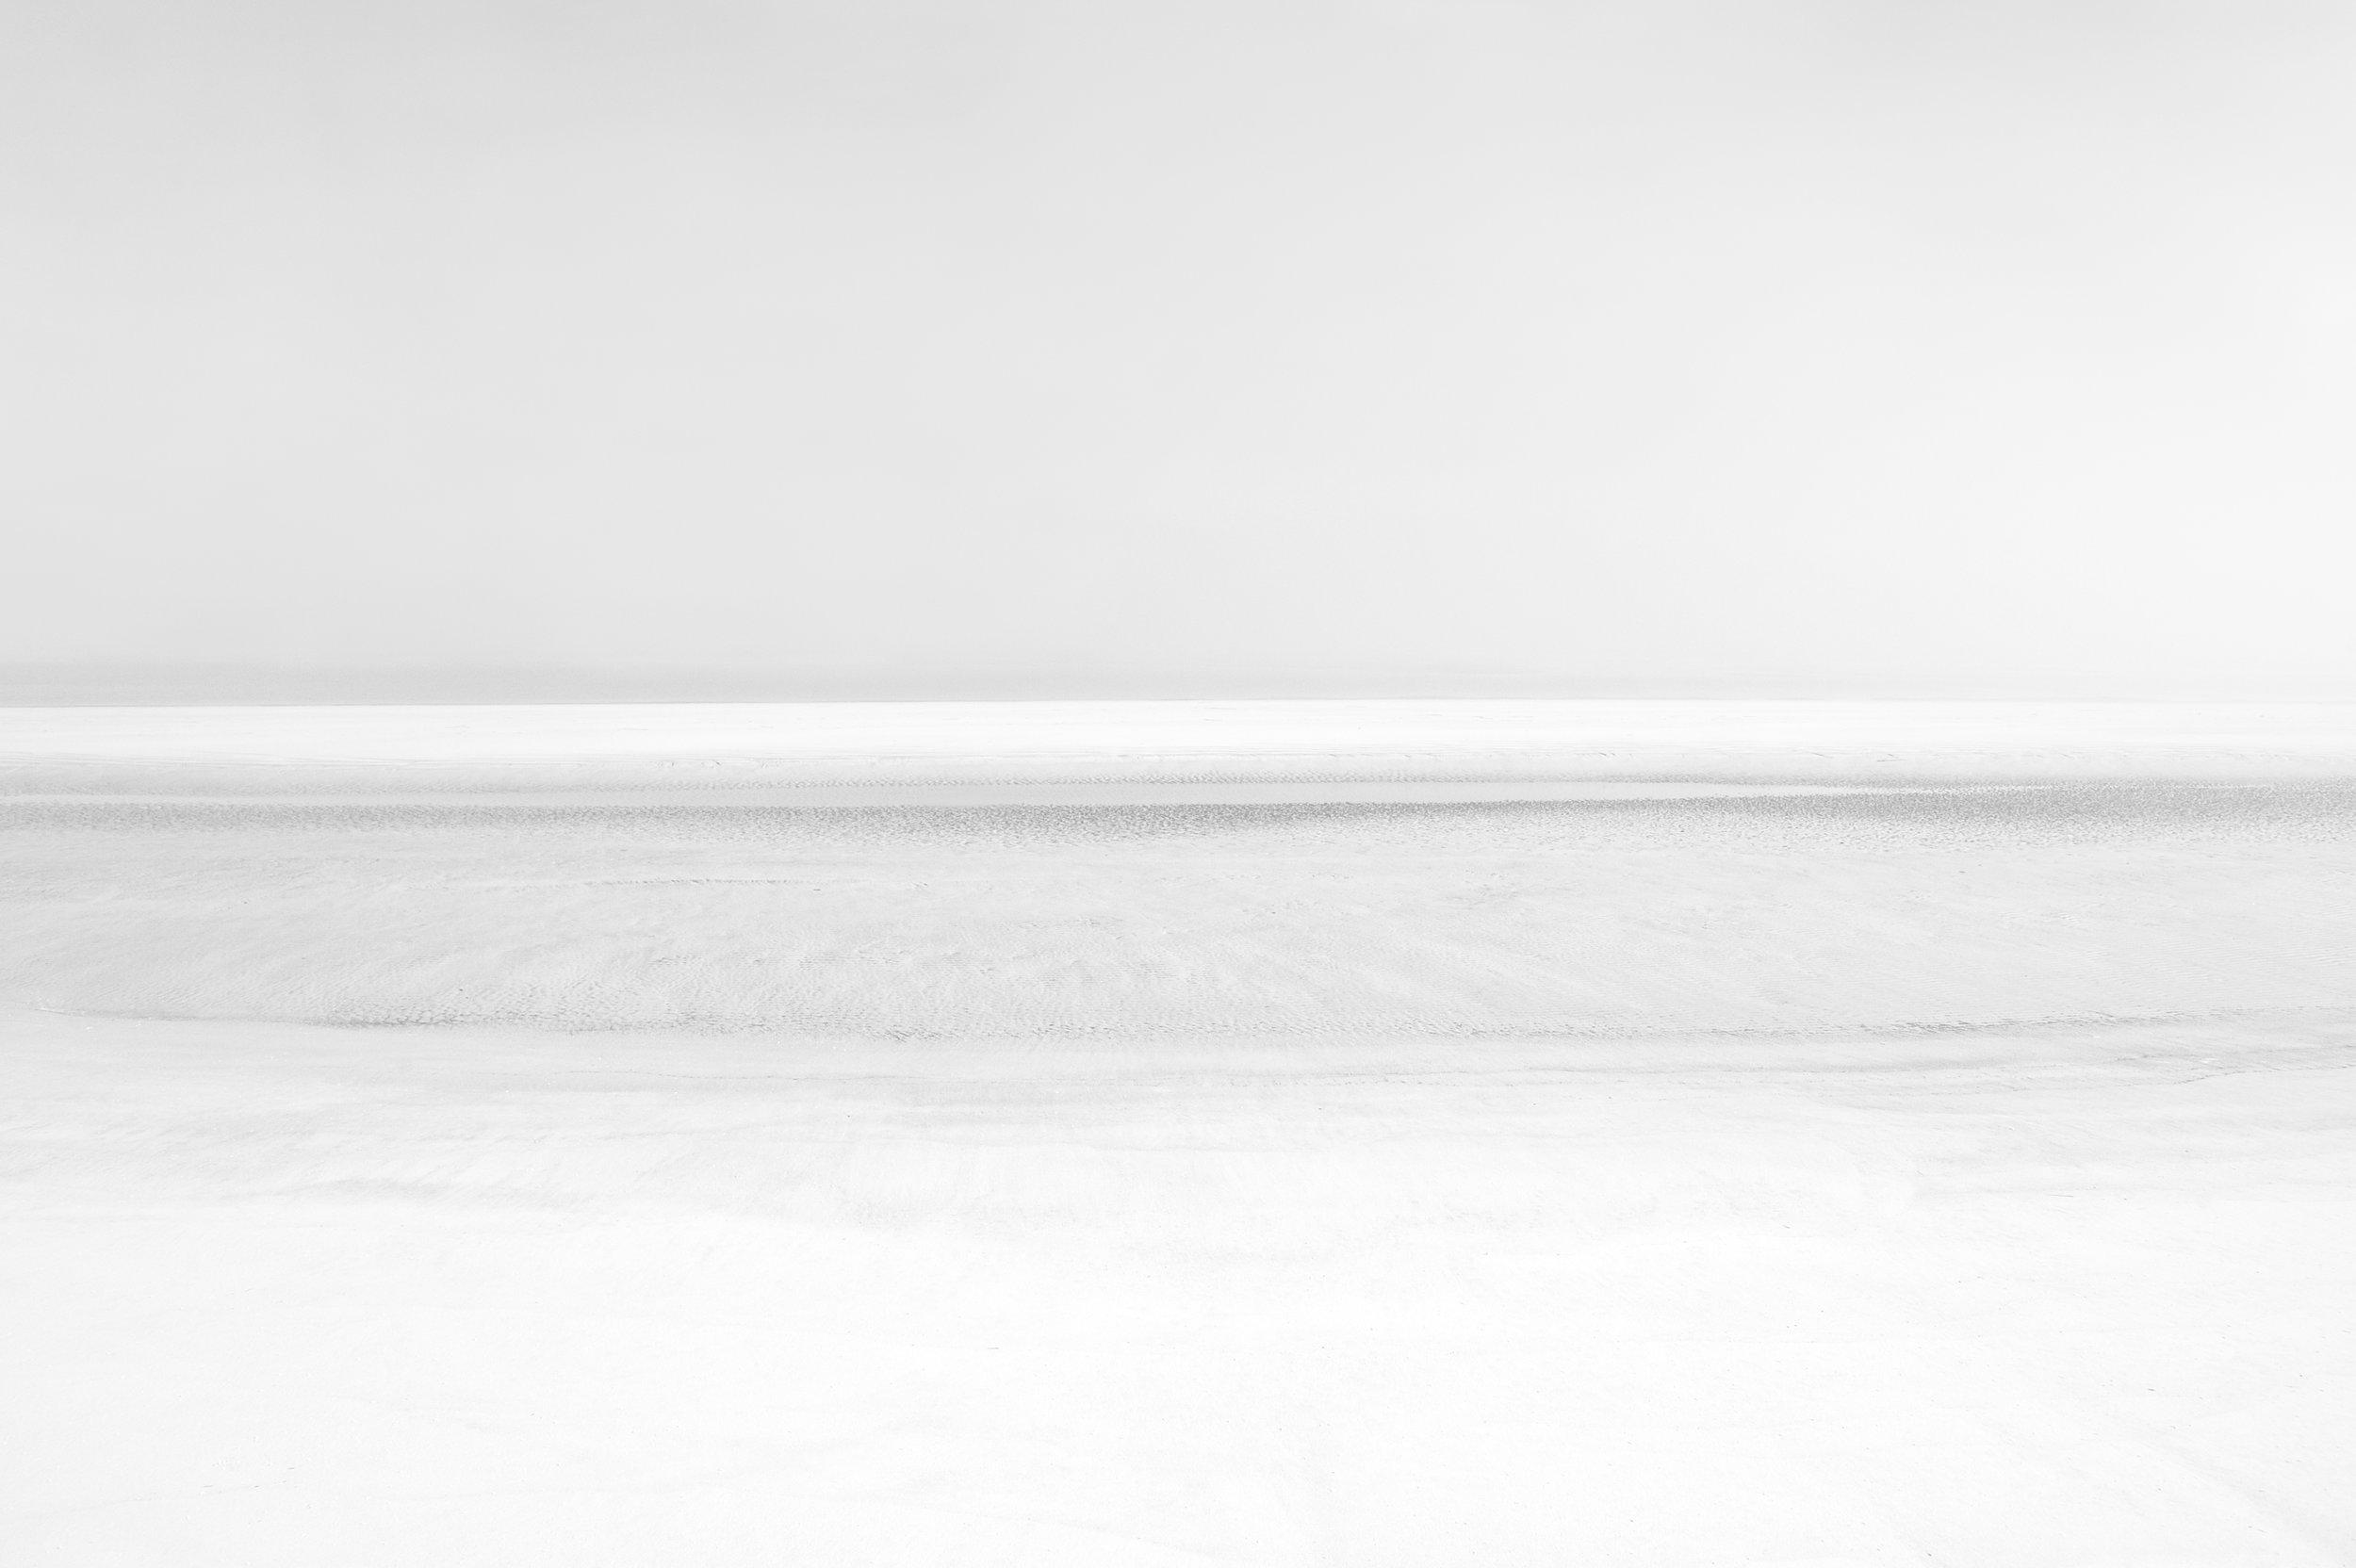 Anouk Masson Krantz  Tide 3  print on bright white matte pigment paper